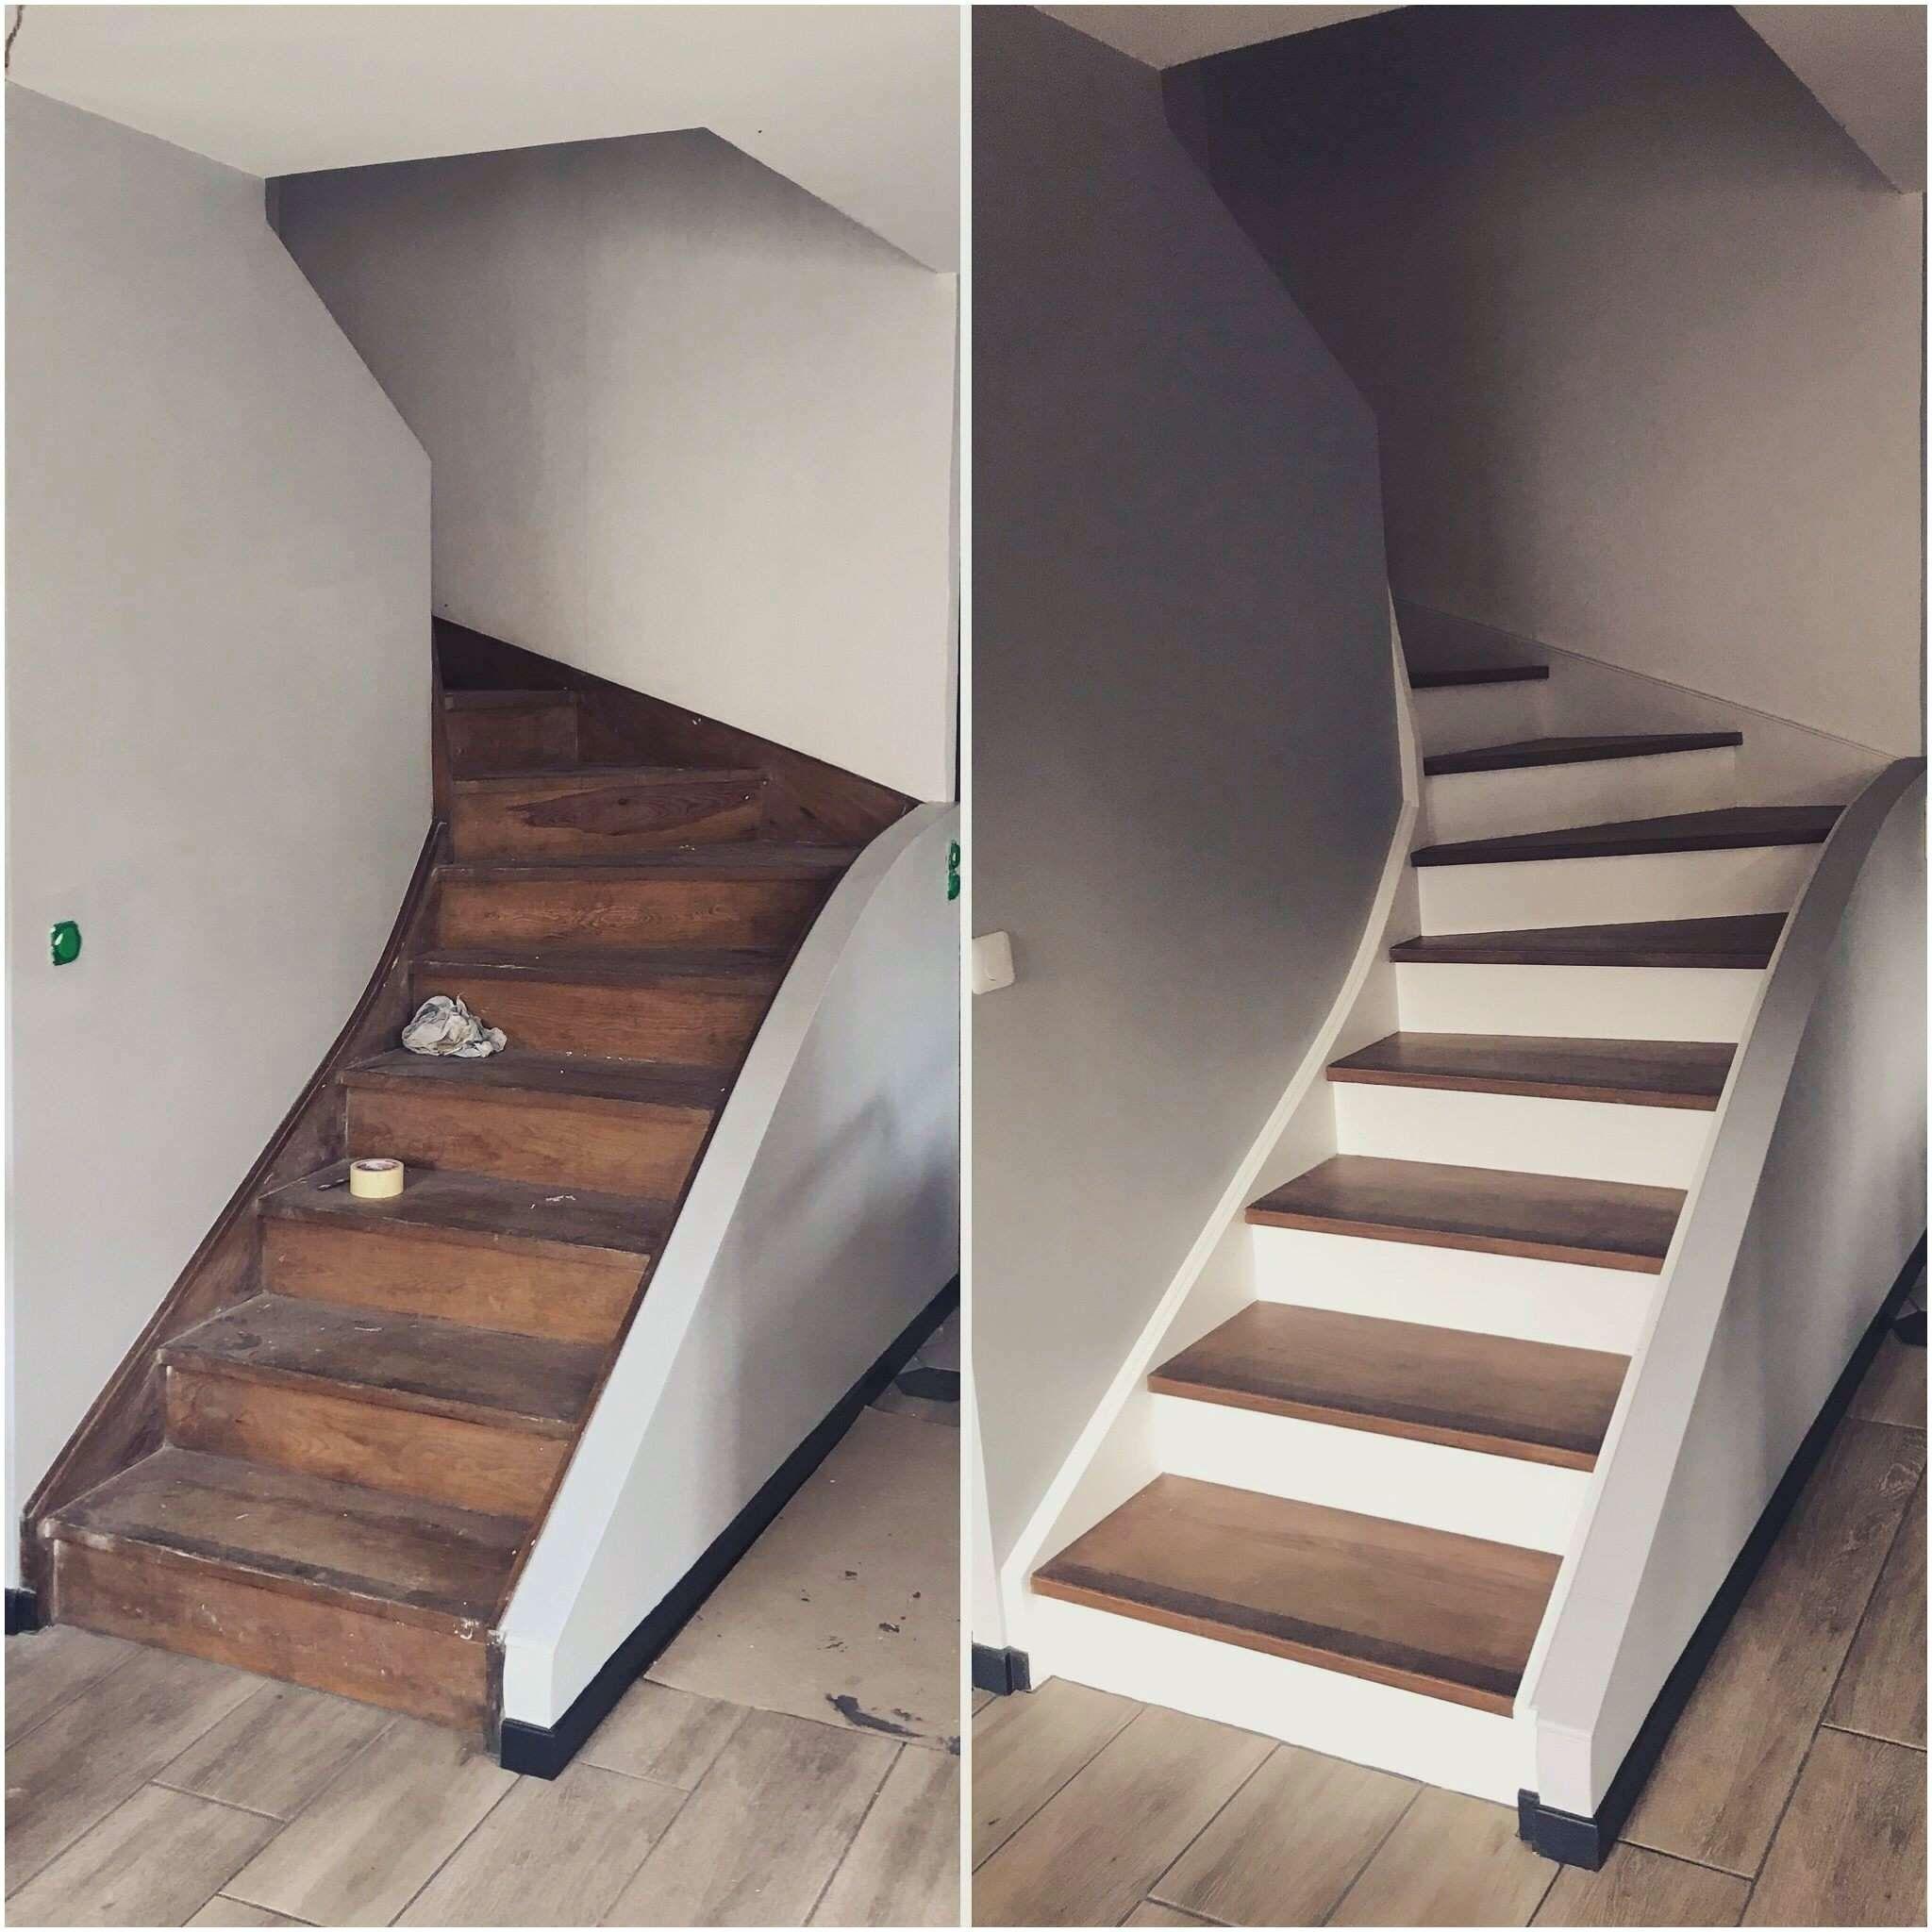 Resultats Google De Recherche D Images Correspondant A Http Labambatriste Com Wp Content Uploads 2019 01 Prem Renovation Escalier Bois Projet Maison Escalier